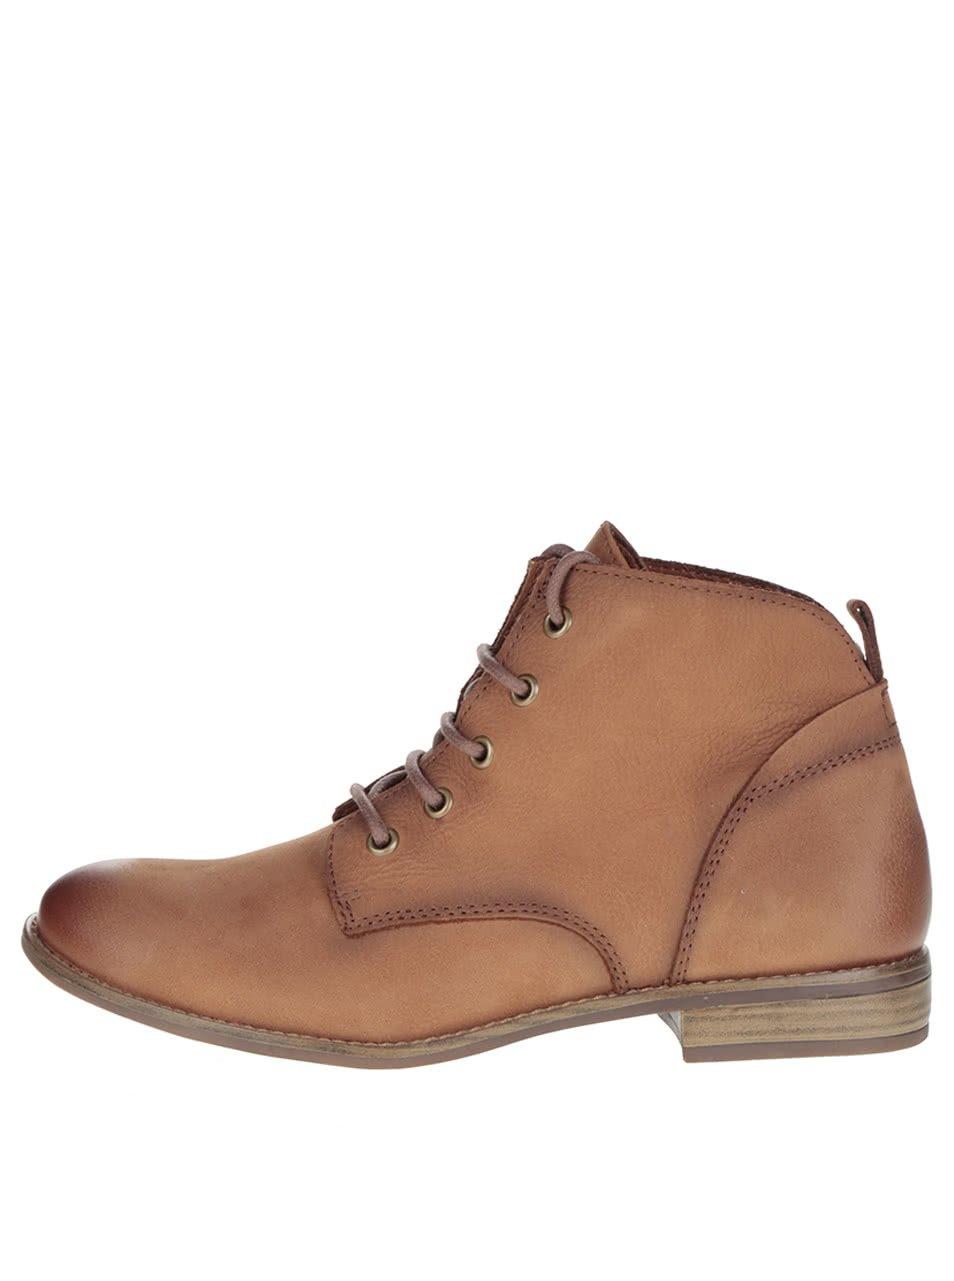 Světle hnědé kožené kotníkové boty na šněrování Tamaris